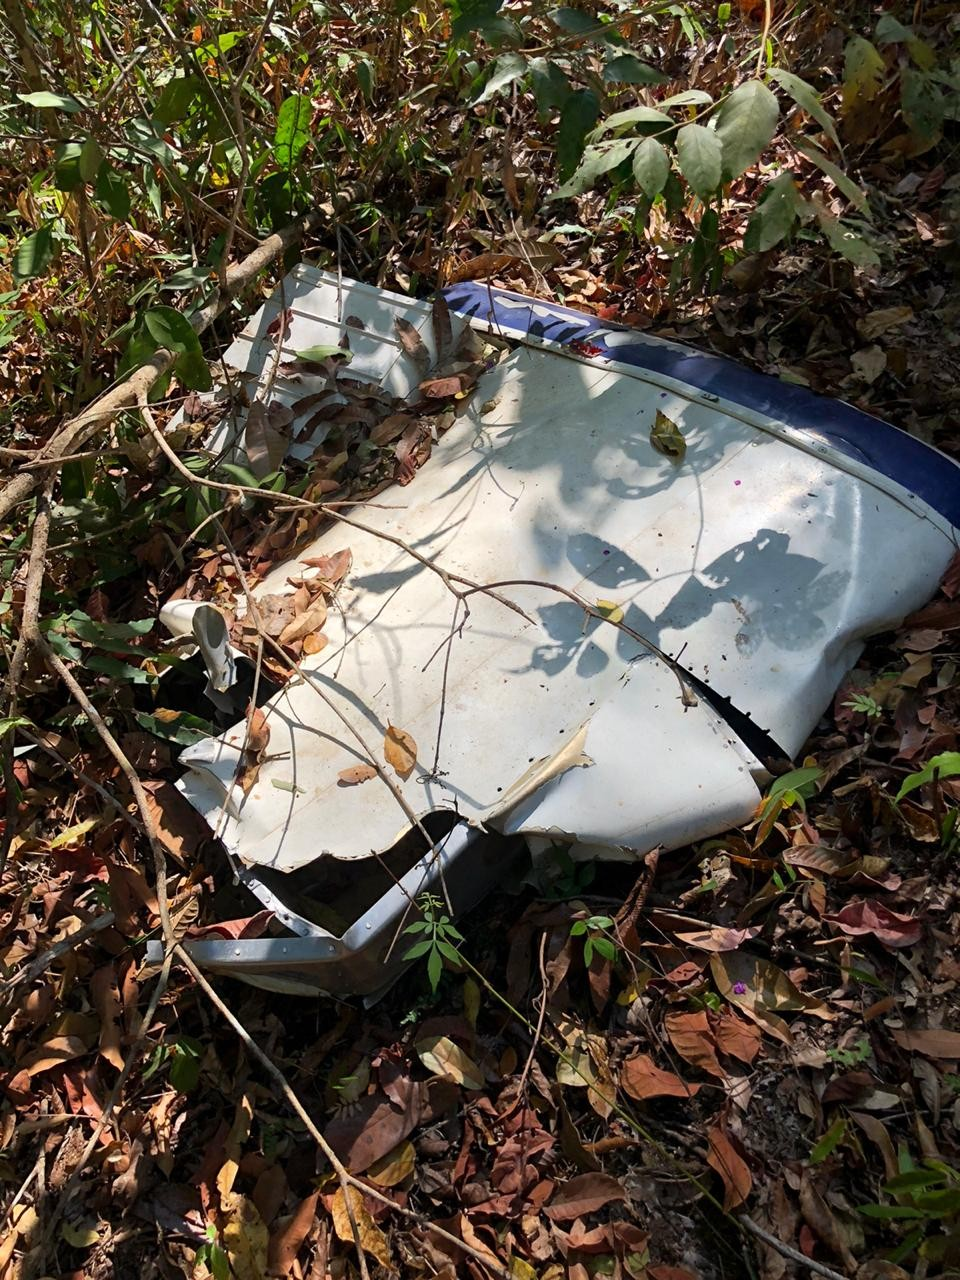 Destroços de avião são localizados em área de mata em MT; polícia acha suposta arcada dentária